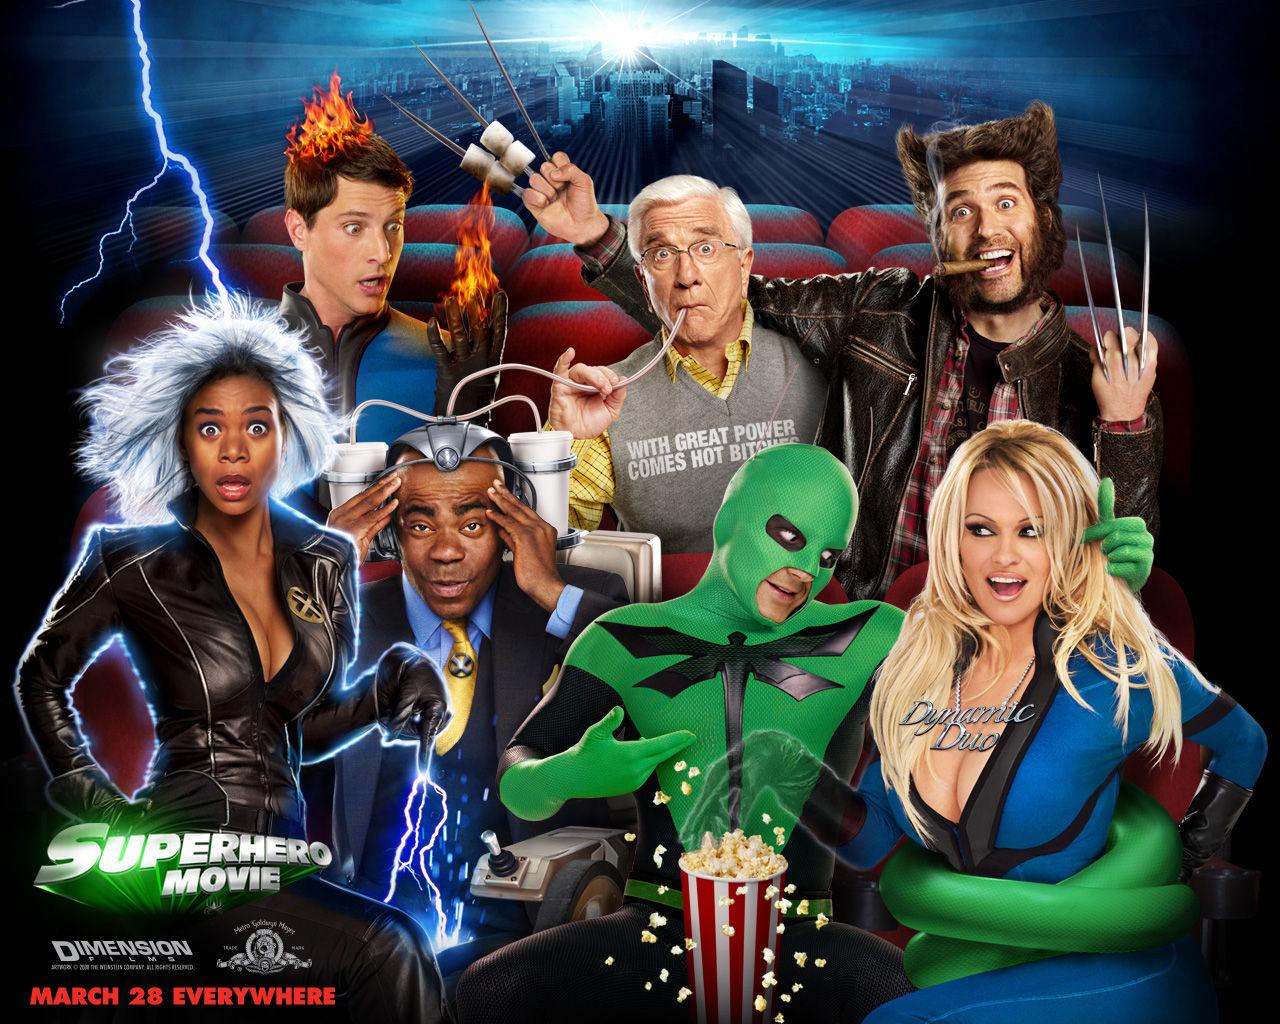 superhero_movie01